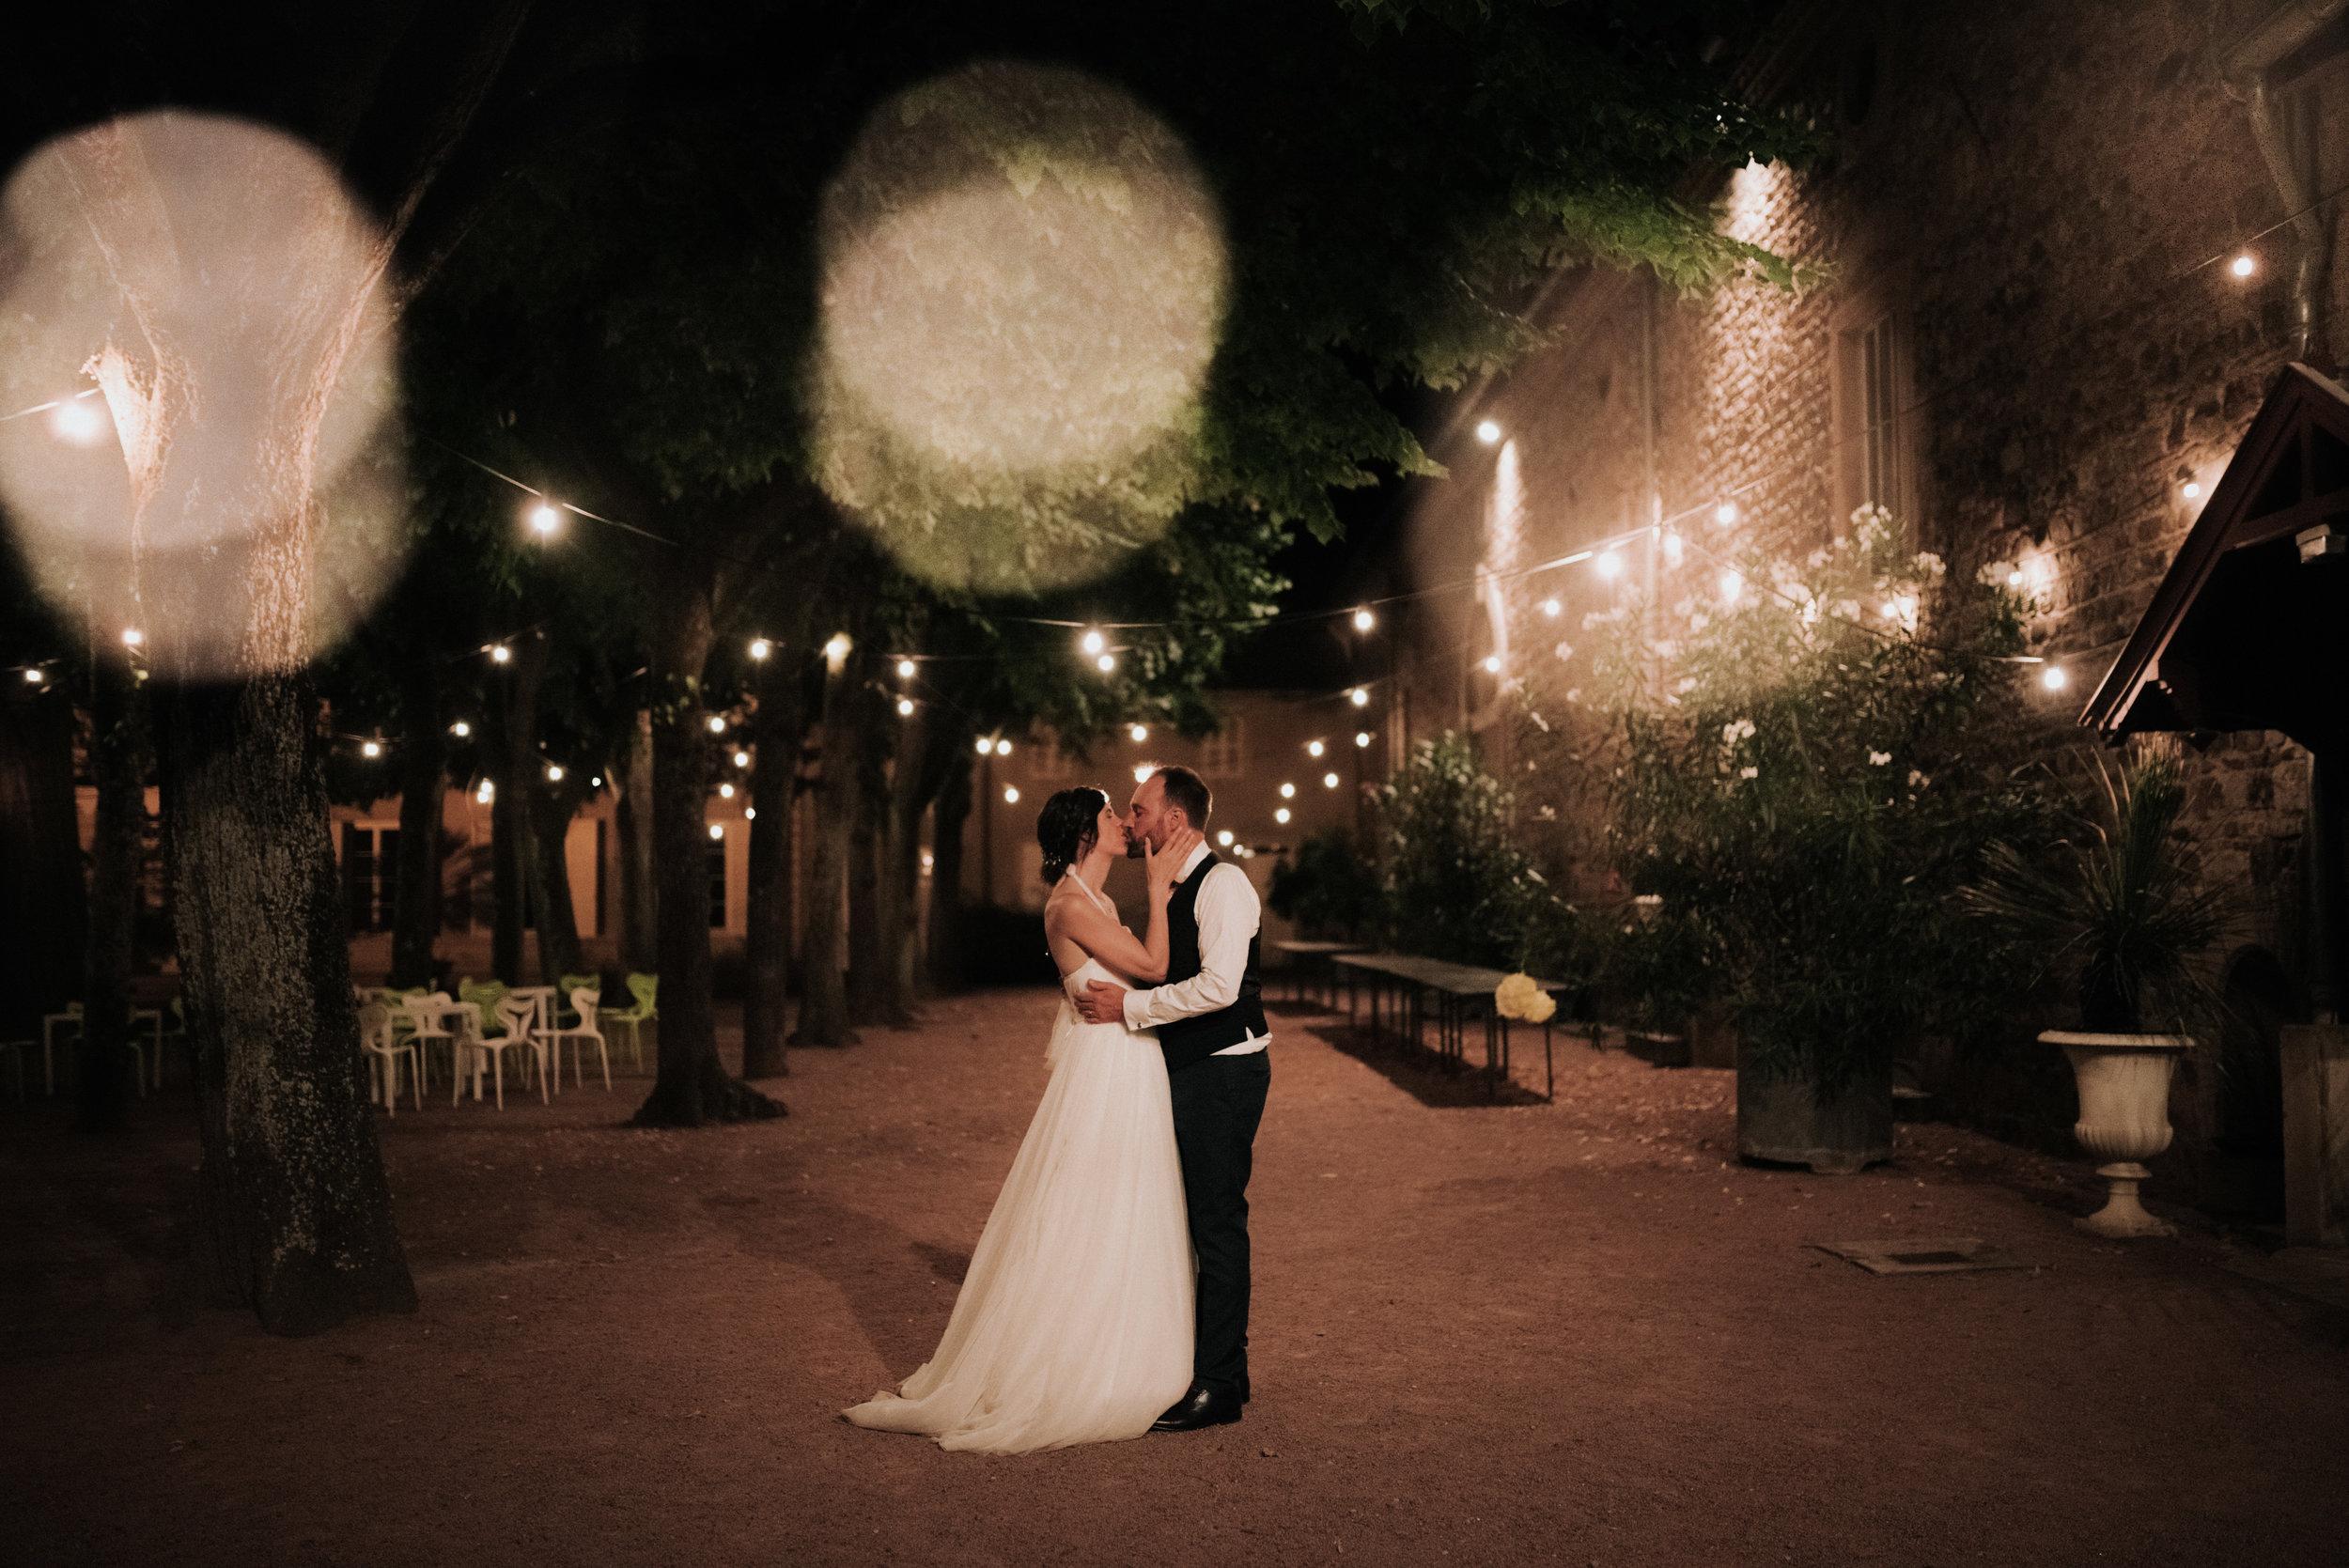 Léa-Fery-photographe-professionnel-lyon-rhone-alpes-portrait-creation-mariage-evenement-evenementiel-famille--217.jpg